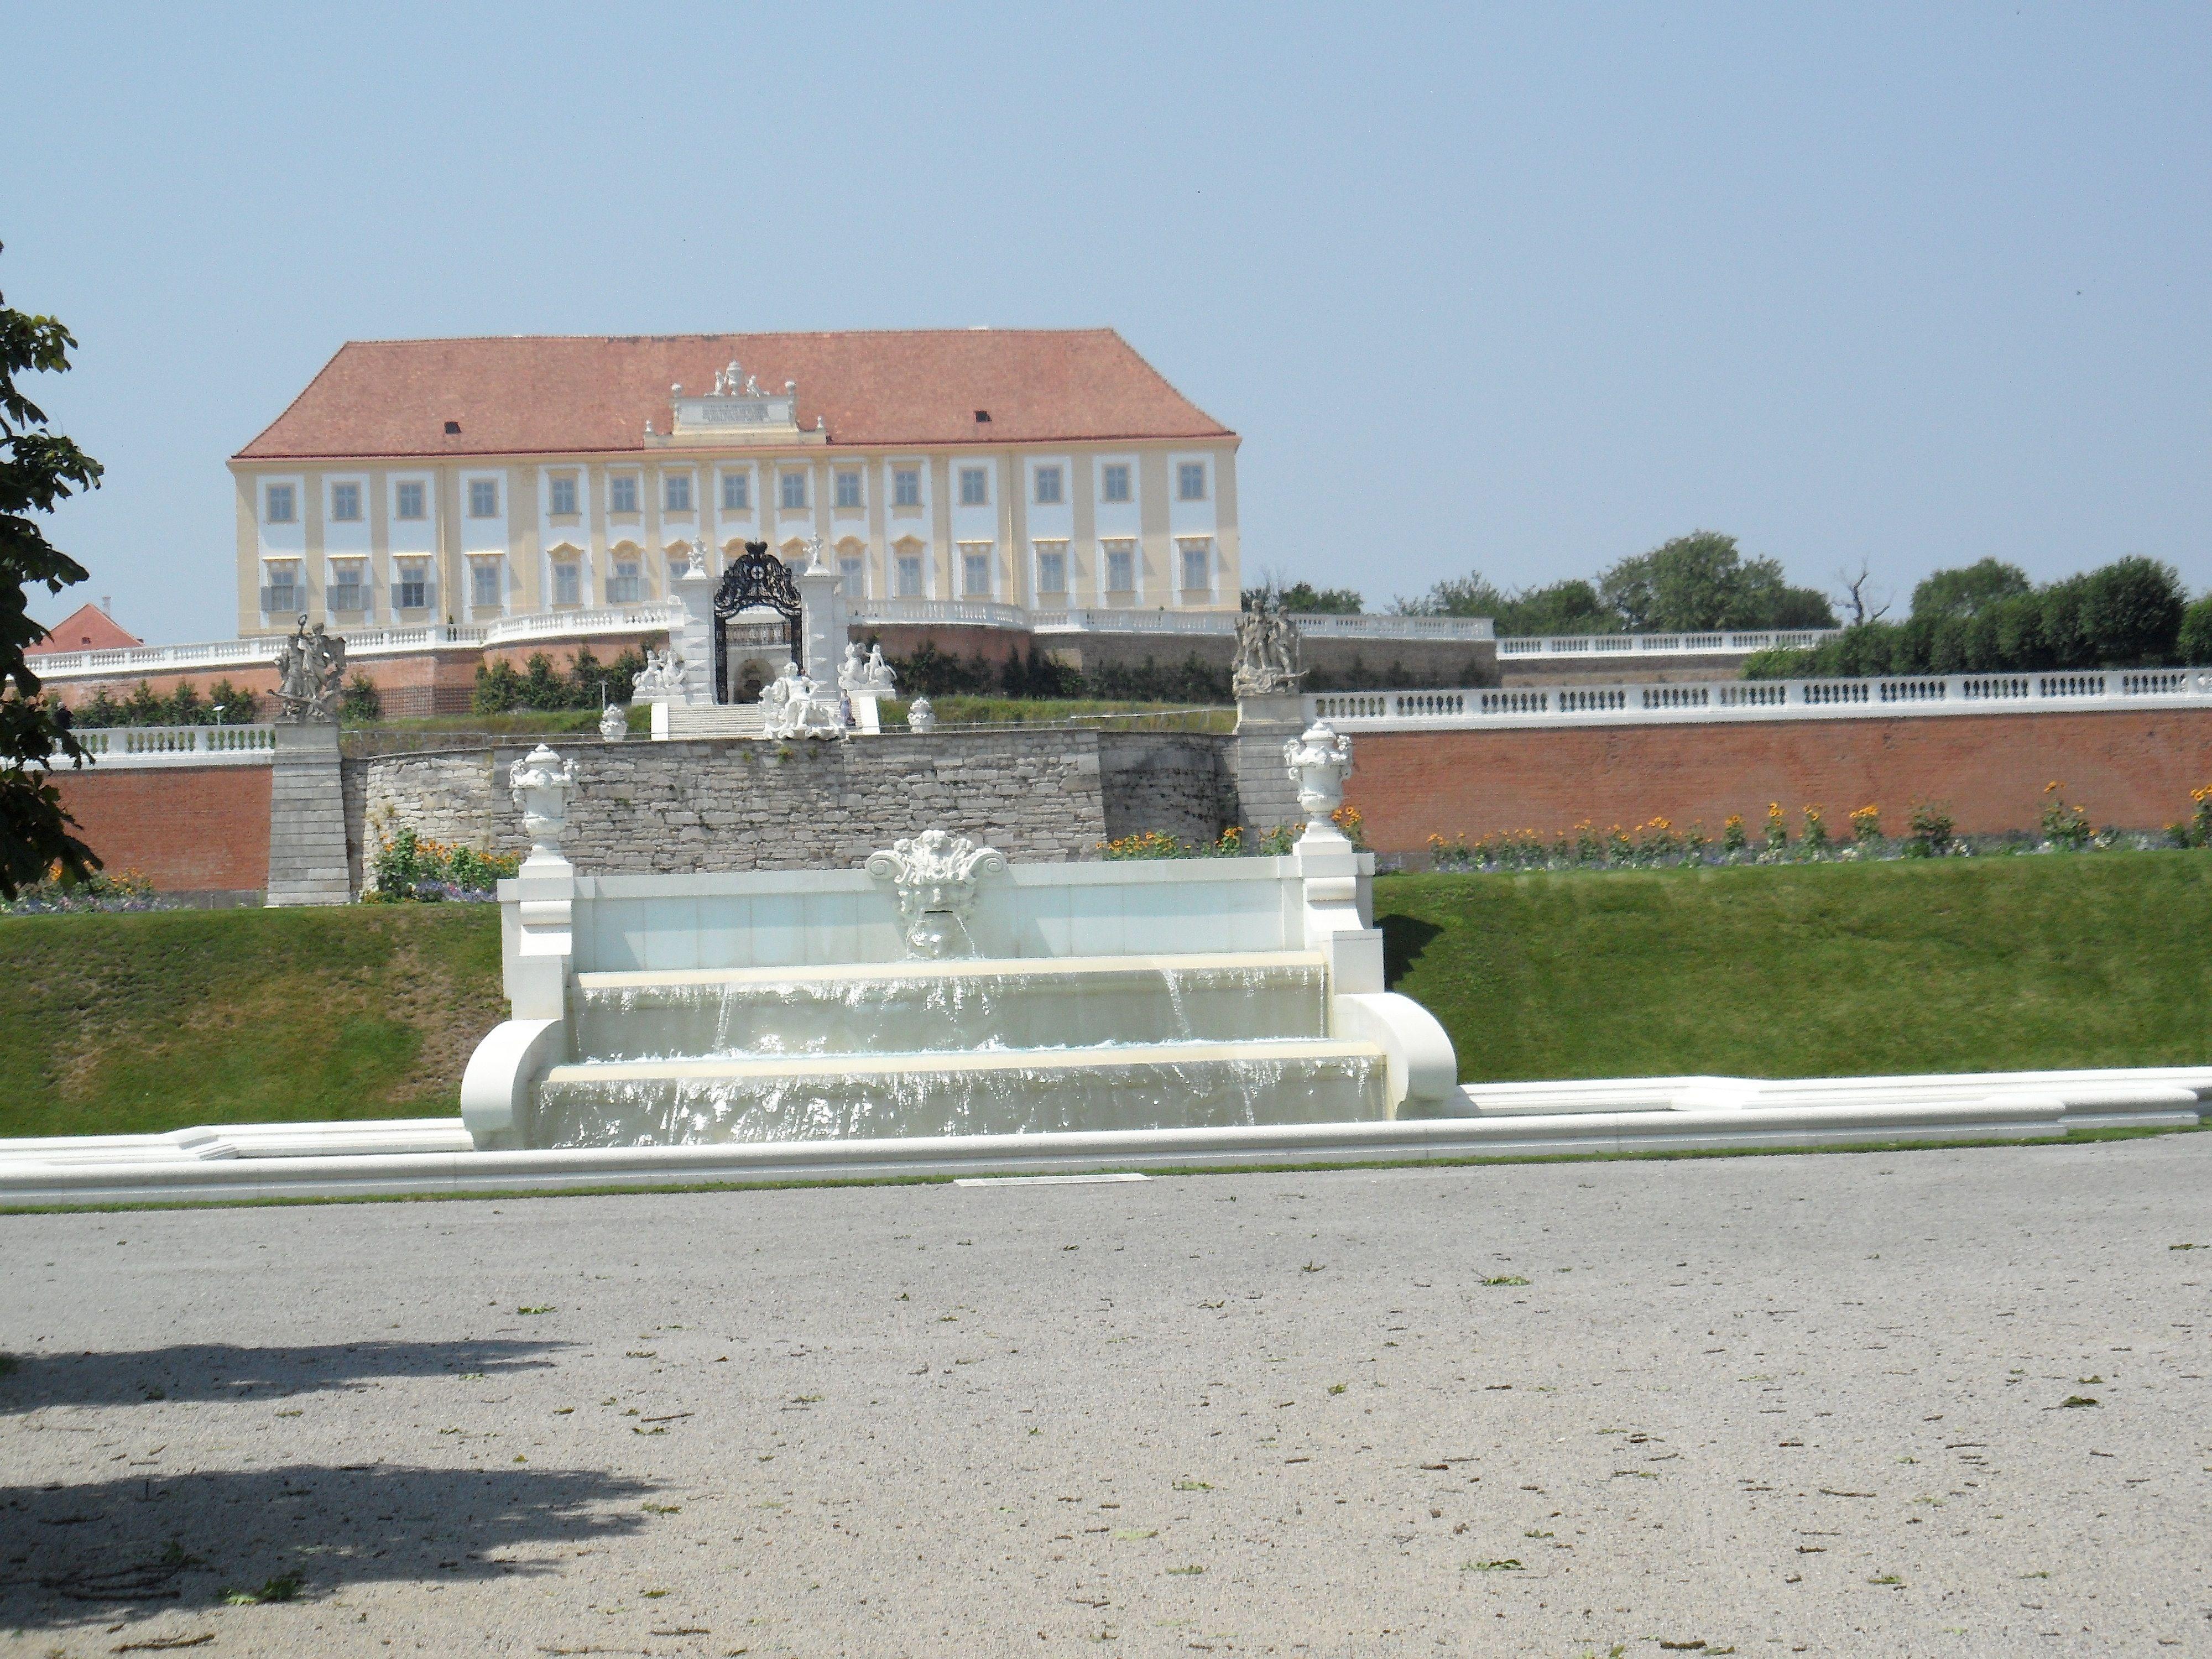 Schloss Hof Der Vorletzte Brunnen Der Park Besteht Aus Sieben